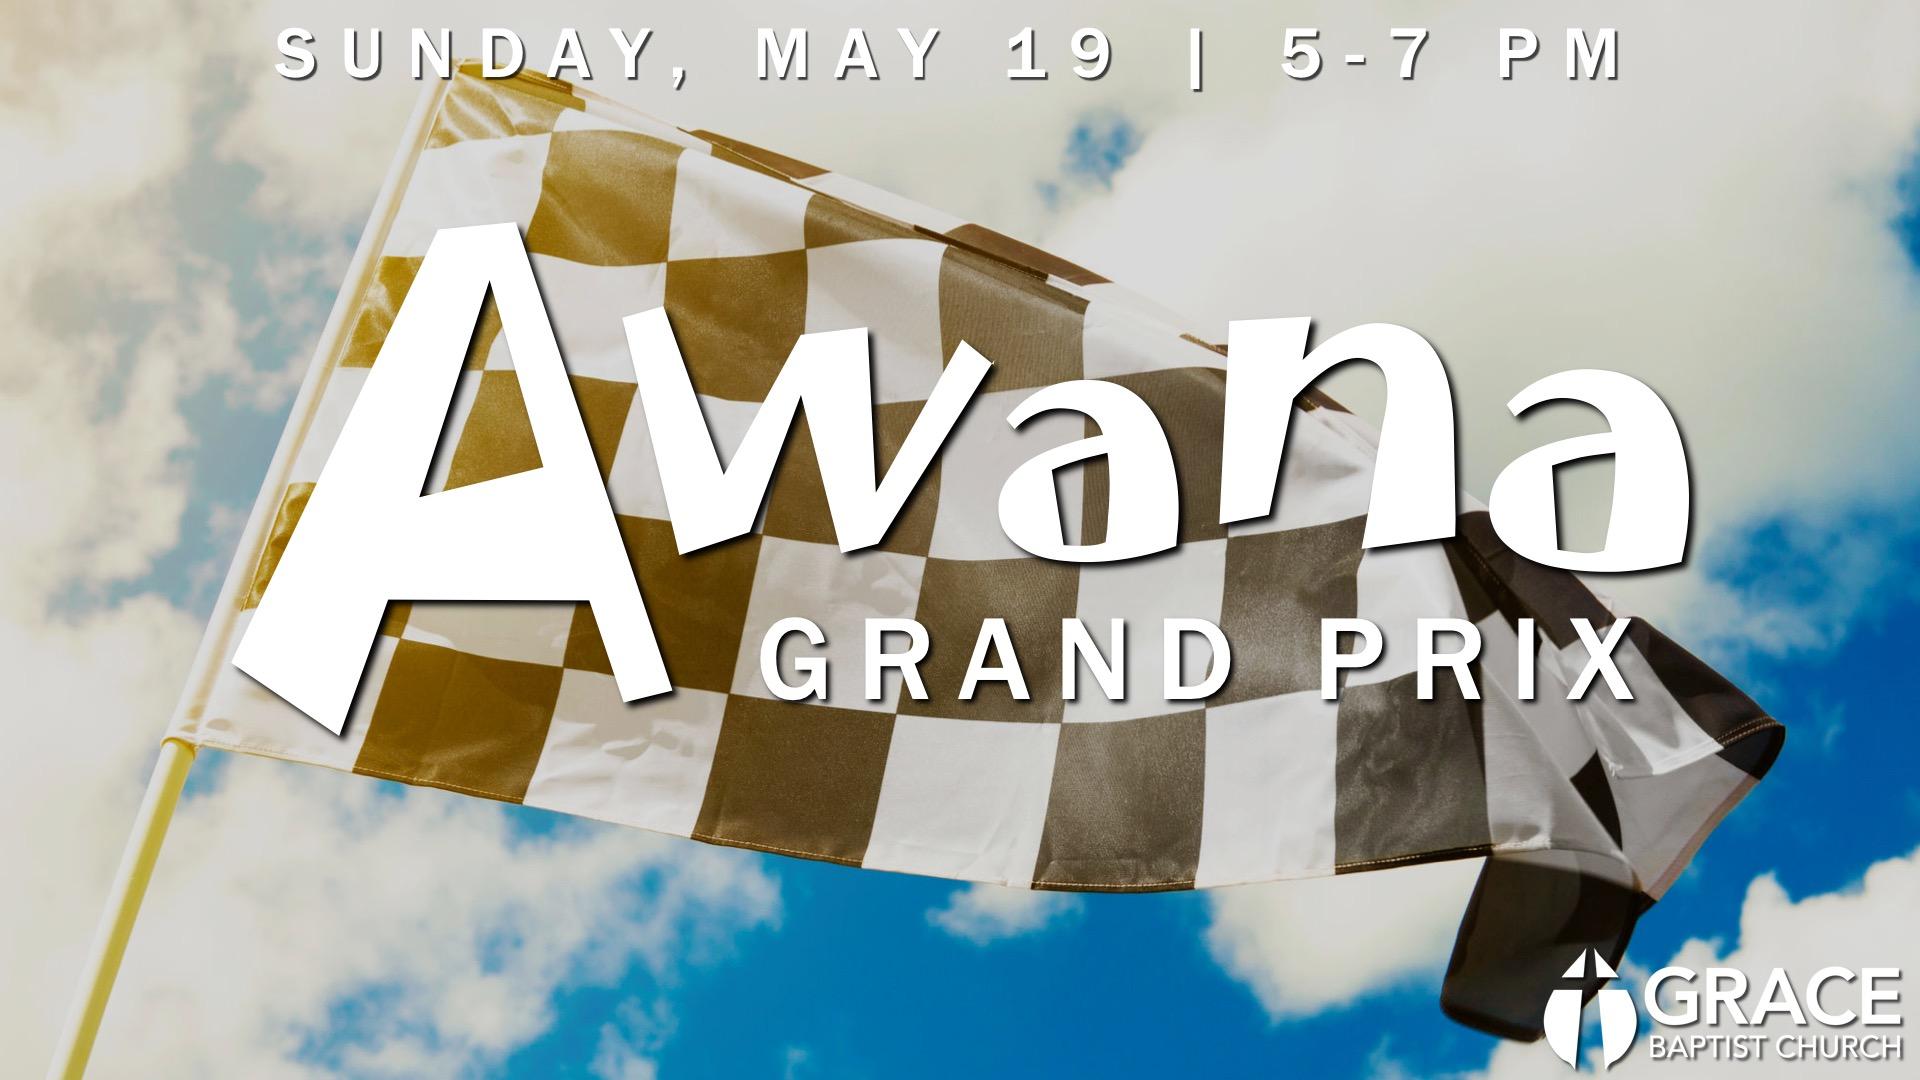 AWANA Grand Prix (2019).jpg